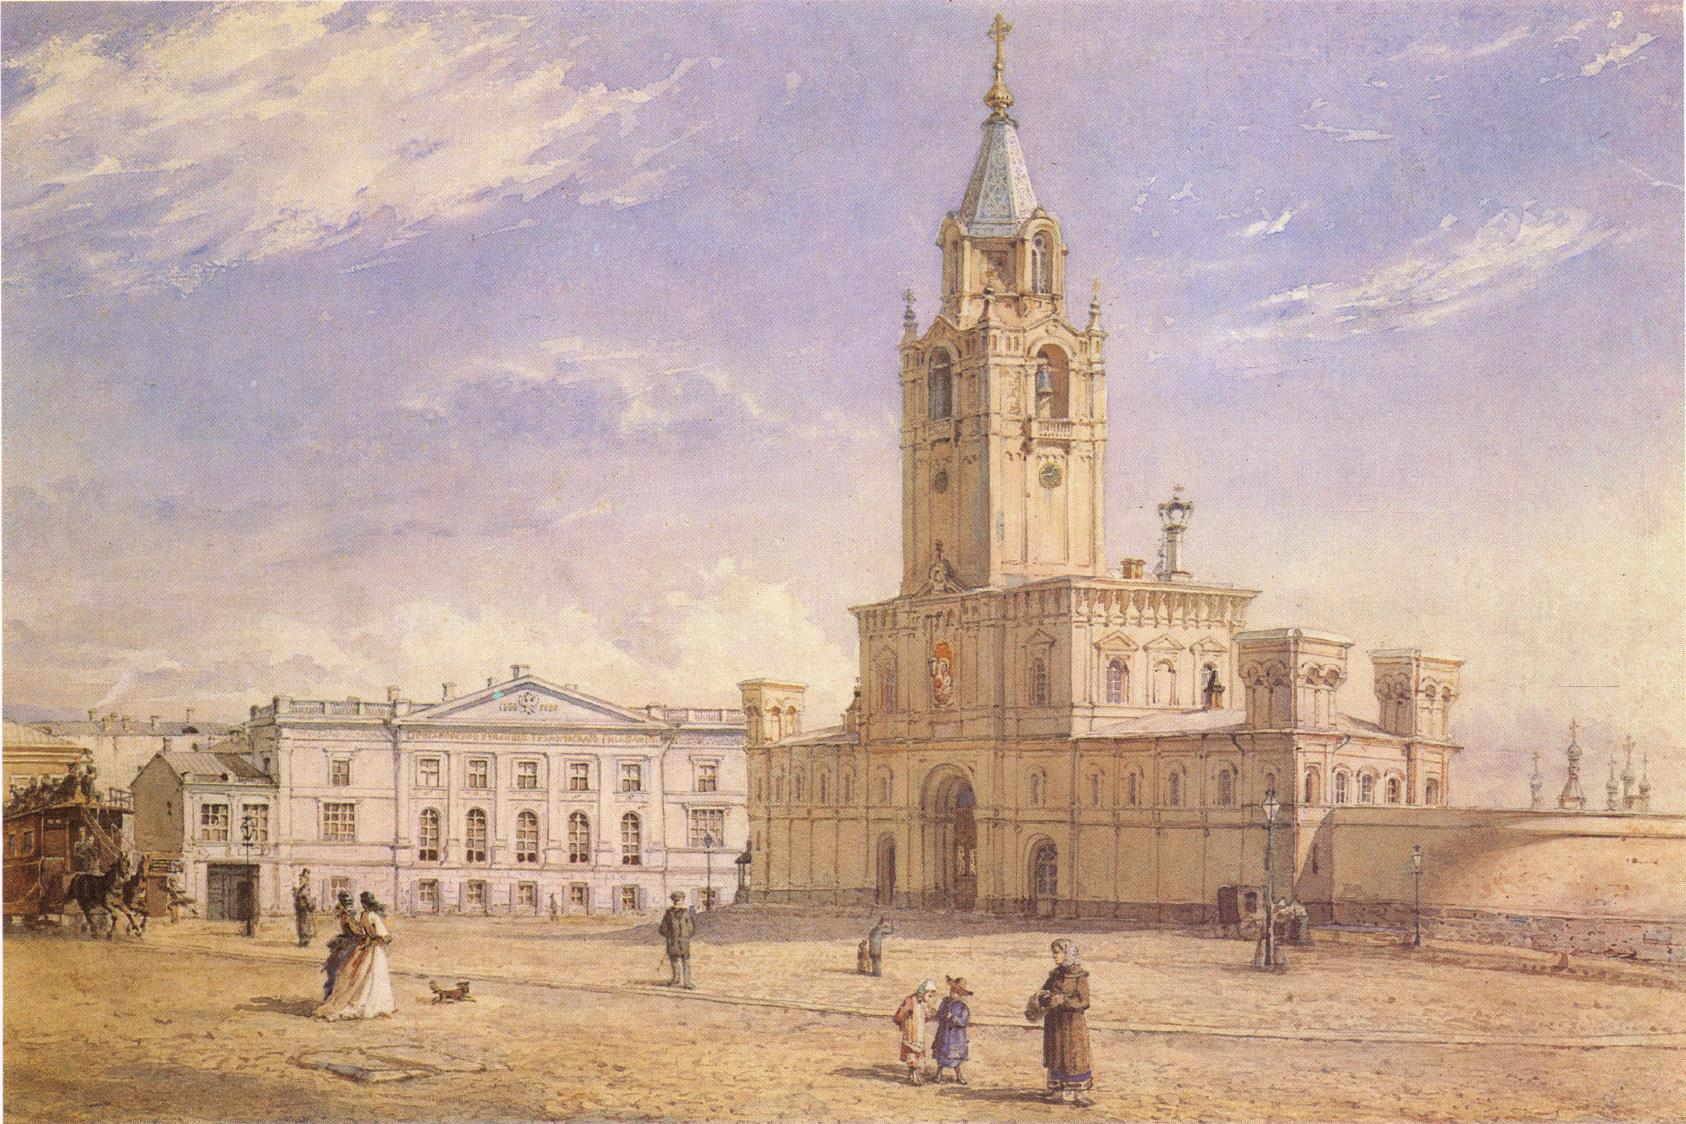 1877. Страстной монастырь